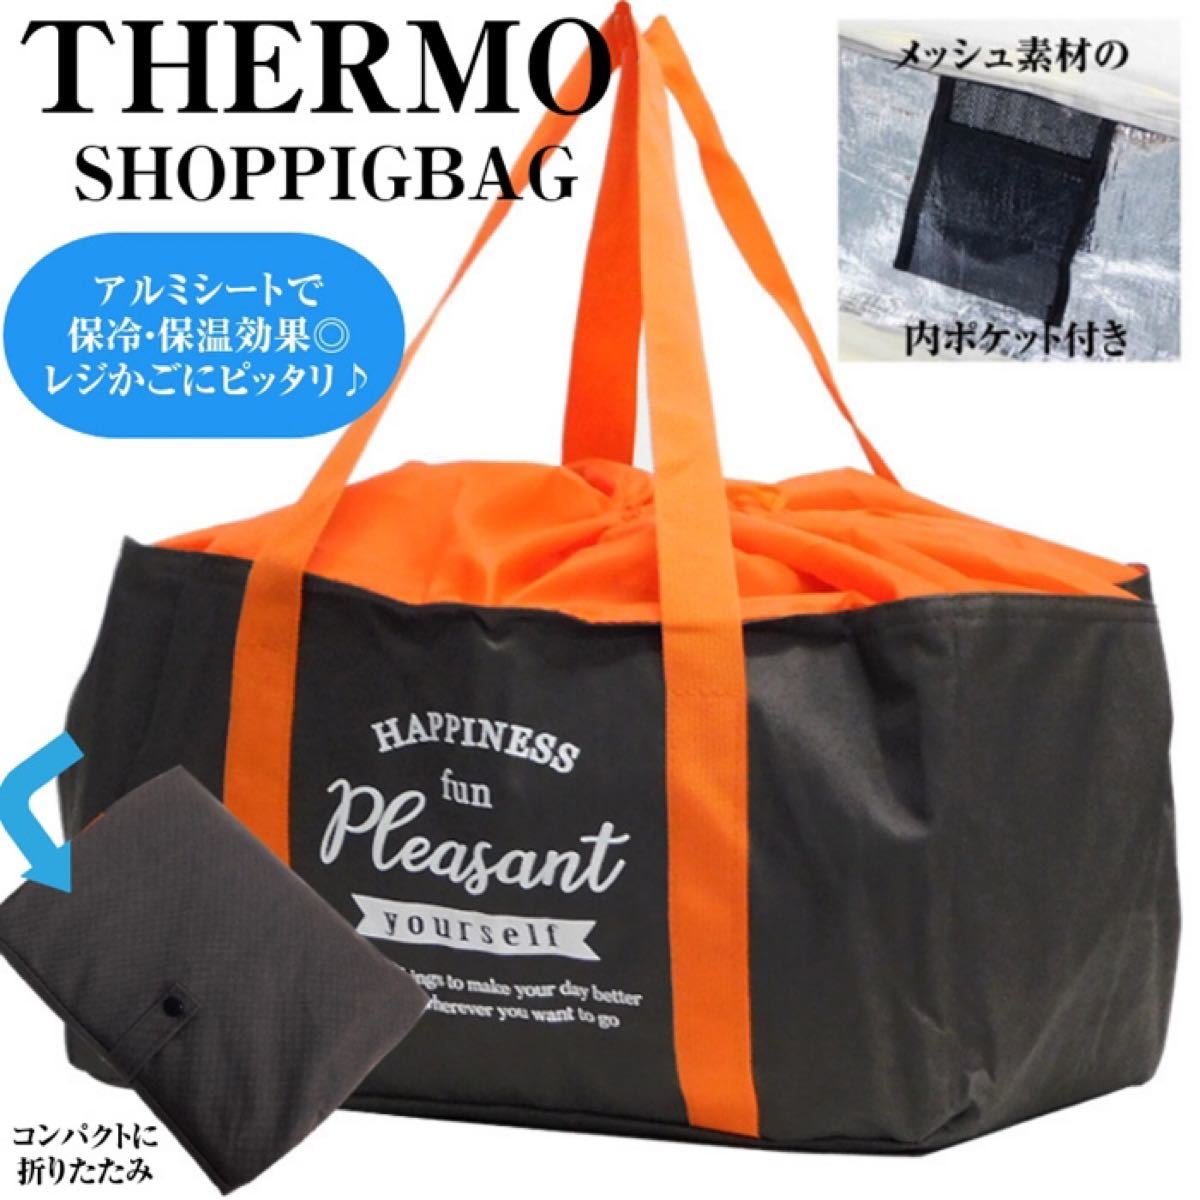 大容量 保冷バッグ クーラーバッグ エコバッグ 巾着 カゴバッグ レジバッグ レジカゴバッグ 折りたたみ 保冷 エコバッグ BO